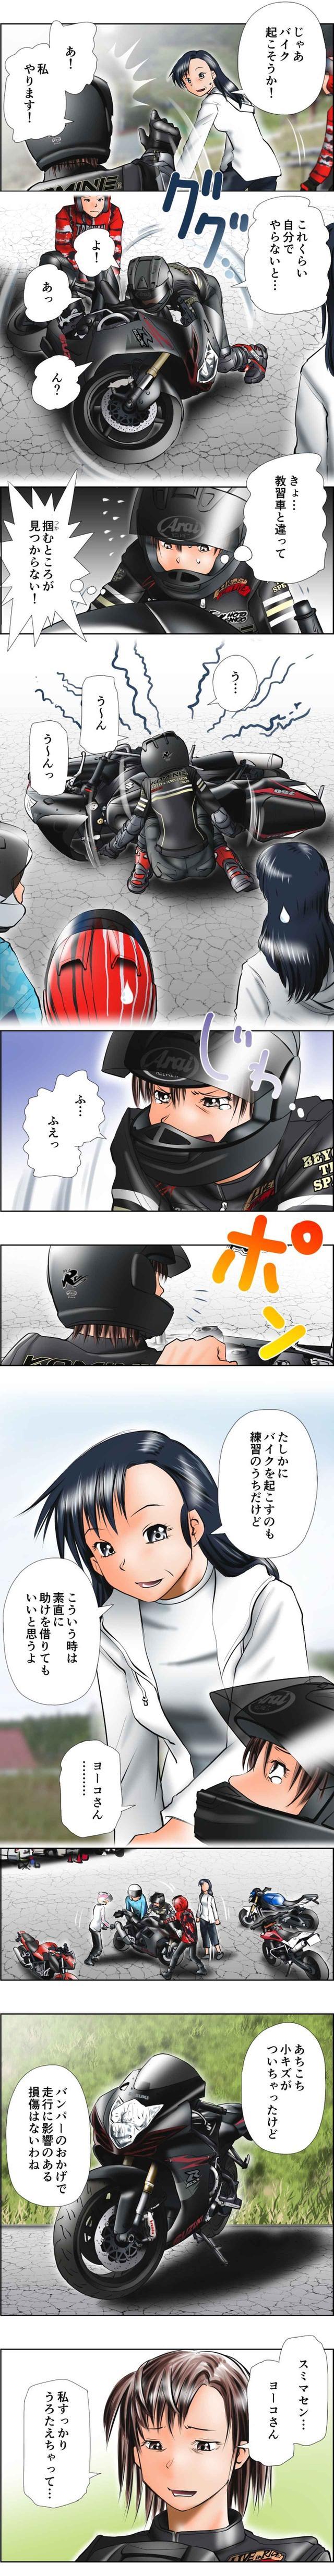 画像: MOTOジム!(第12話:そんな彼とは別れなさい!) 作・ばどみゅーみん - オートバイ & RIDE